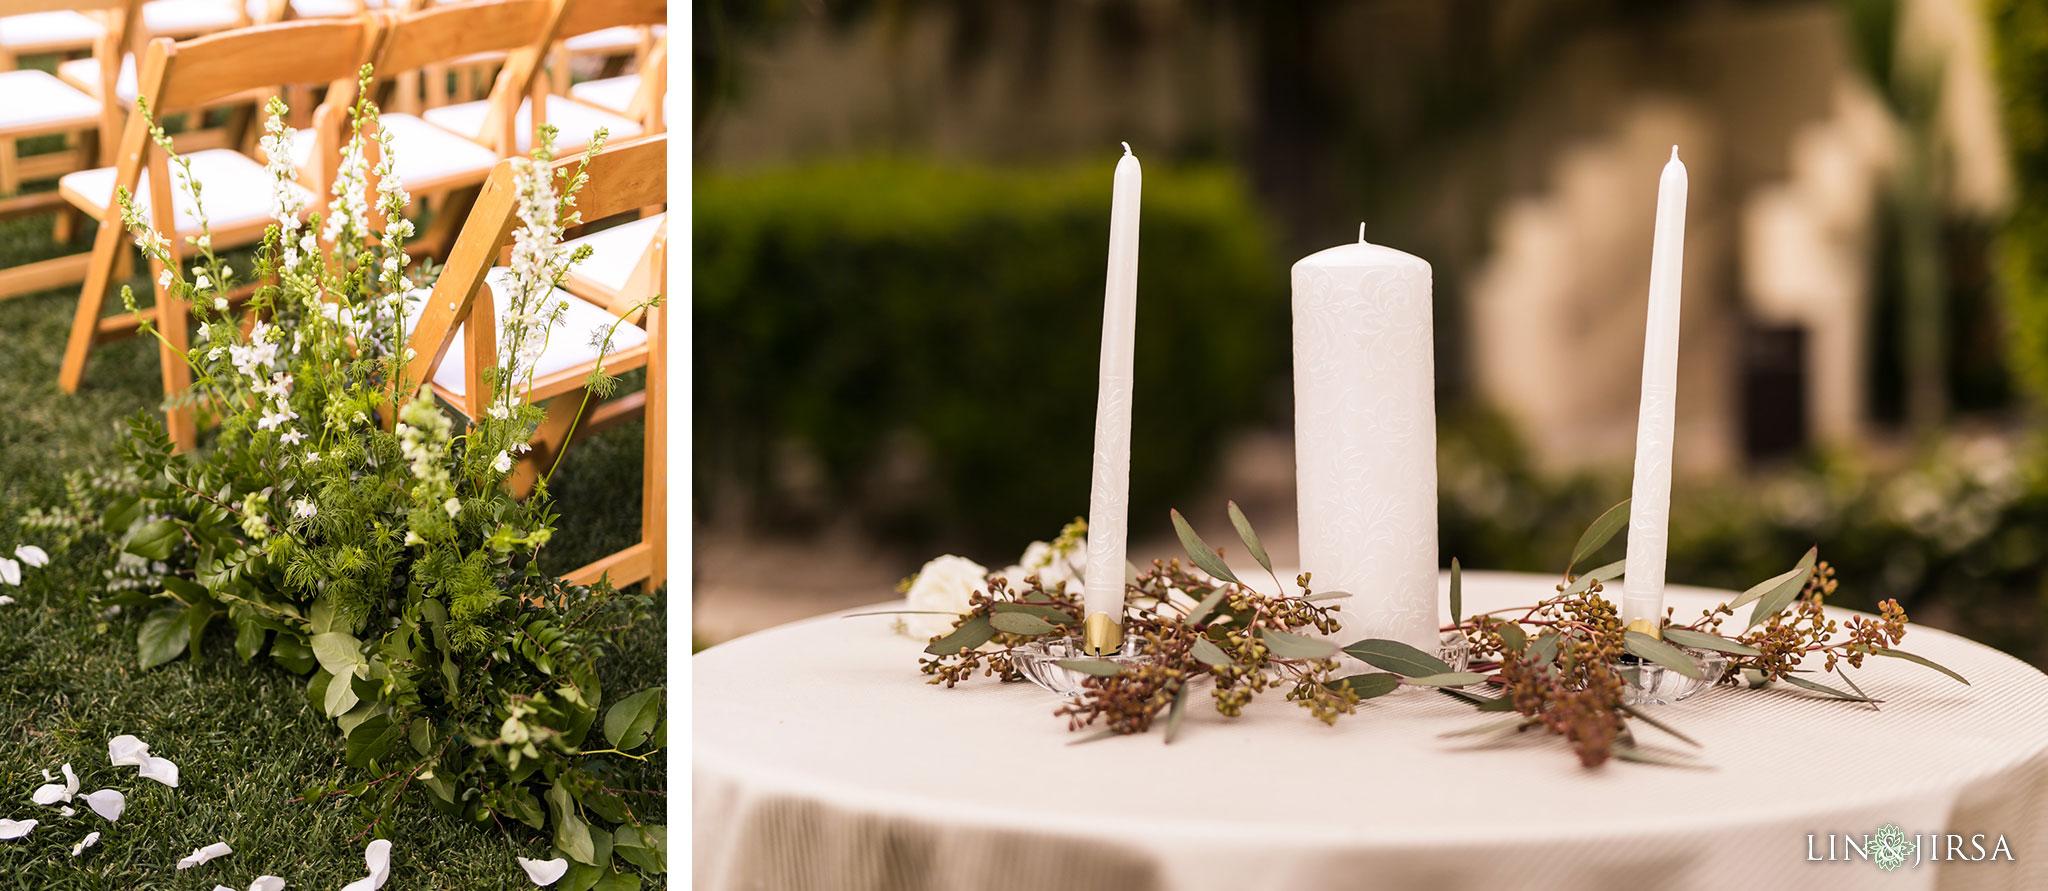 16 estancia la jolla hotel and spa wedding ceremony photography